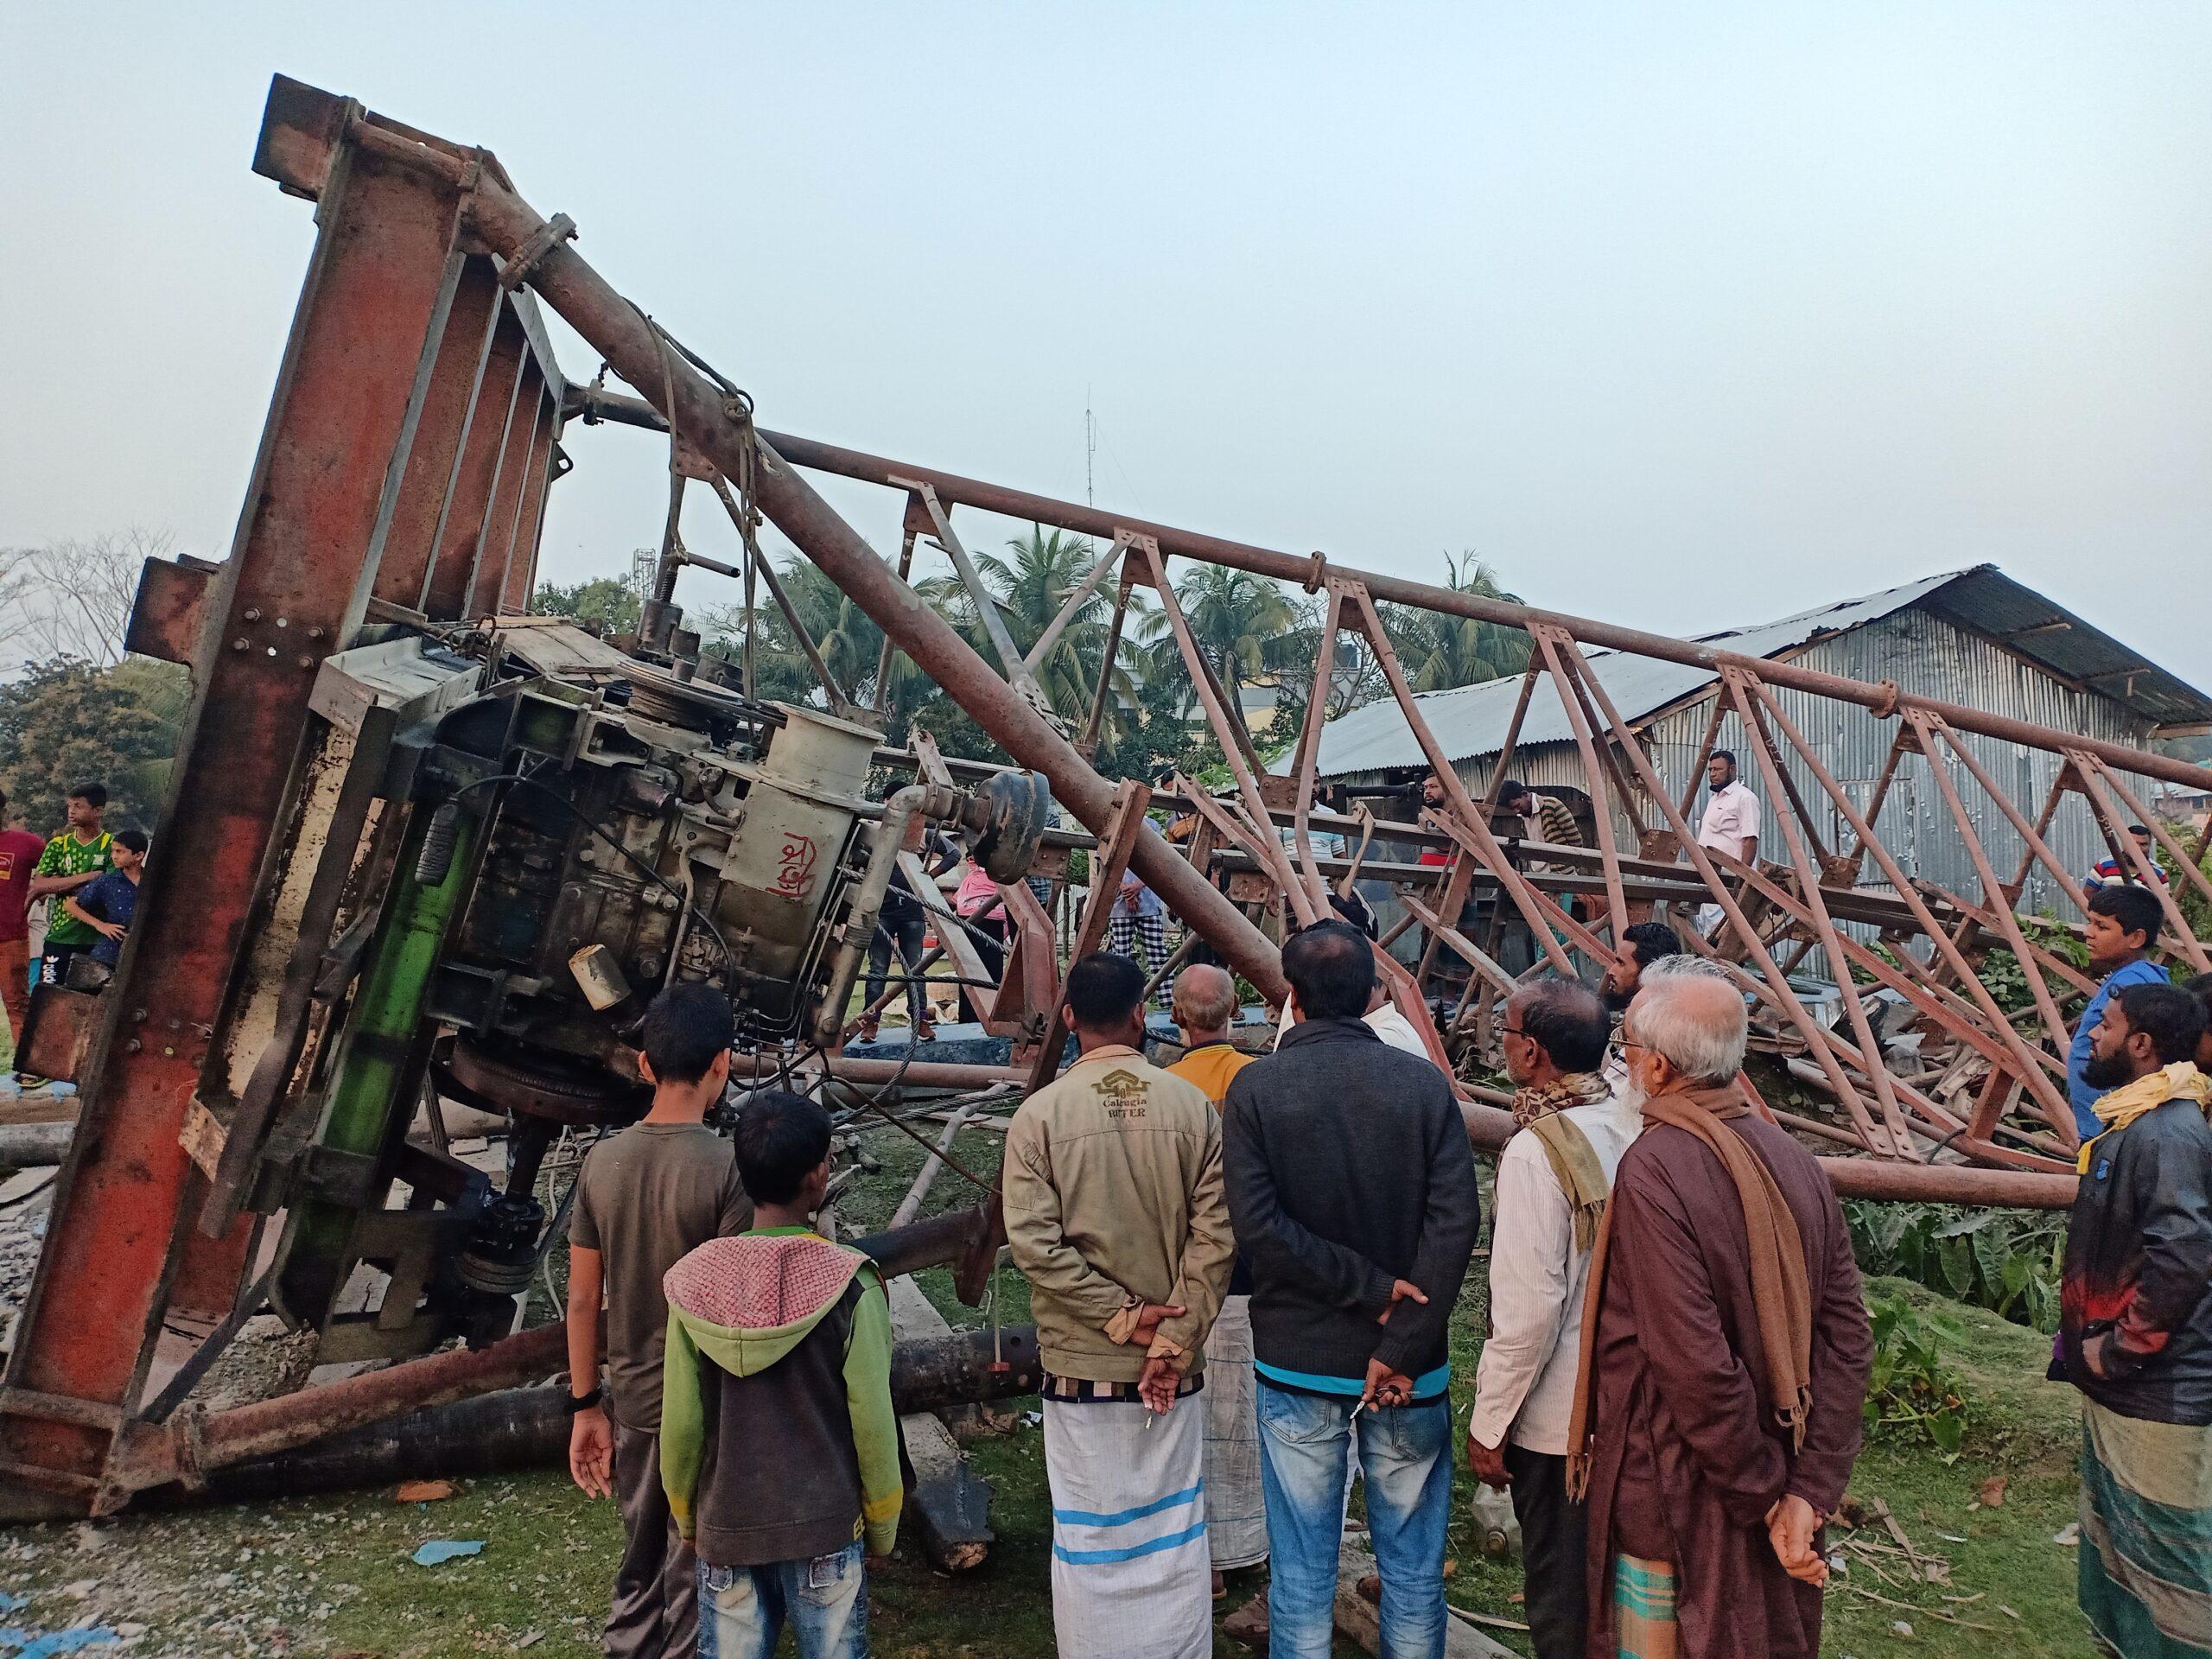 পিরোজপুরে নির্মানাধীন মডেল মসজিদের  পাইলিং টাওয়ার নিচে পড়ে নিহত-১ : আহত ২